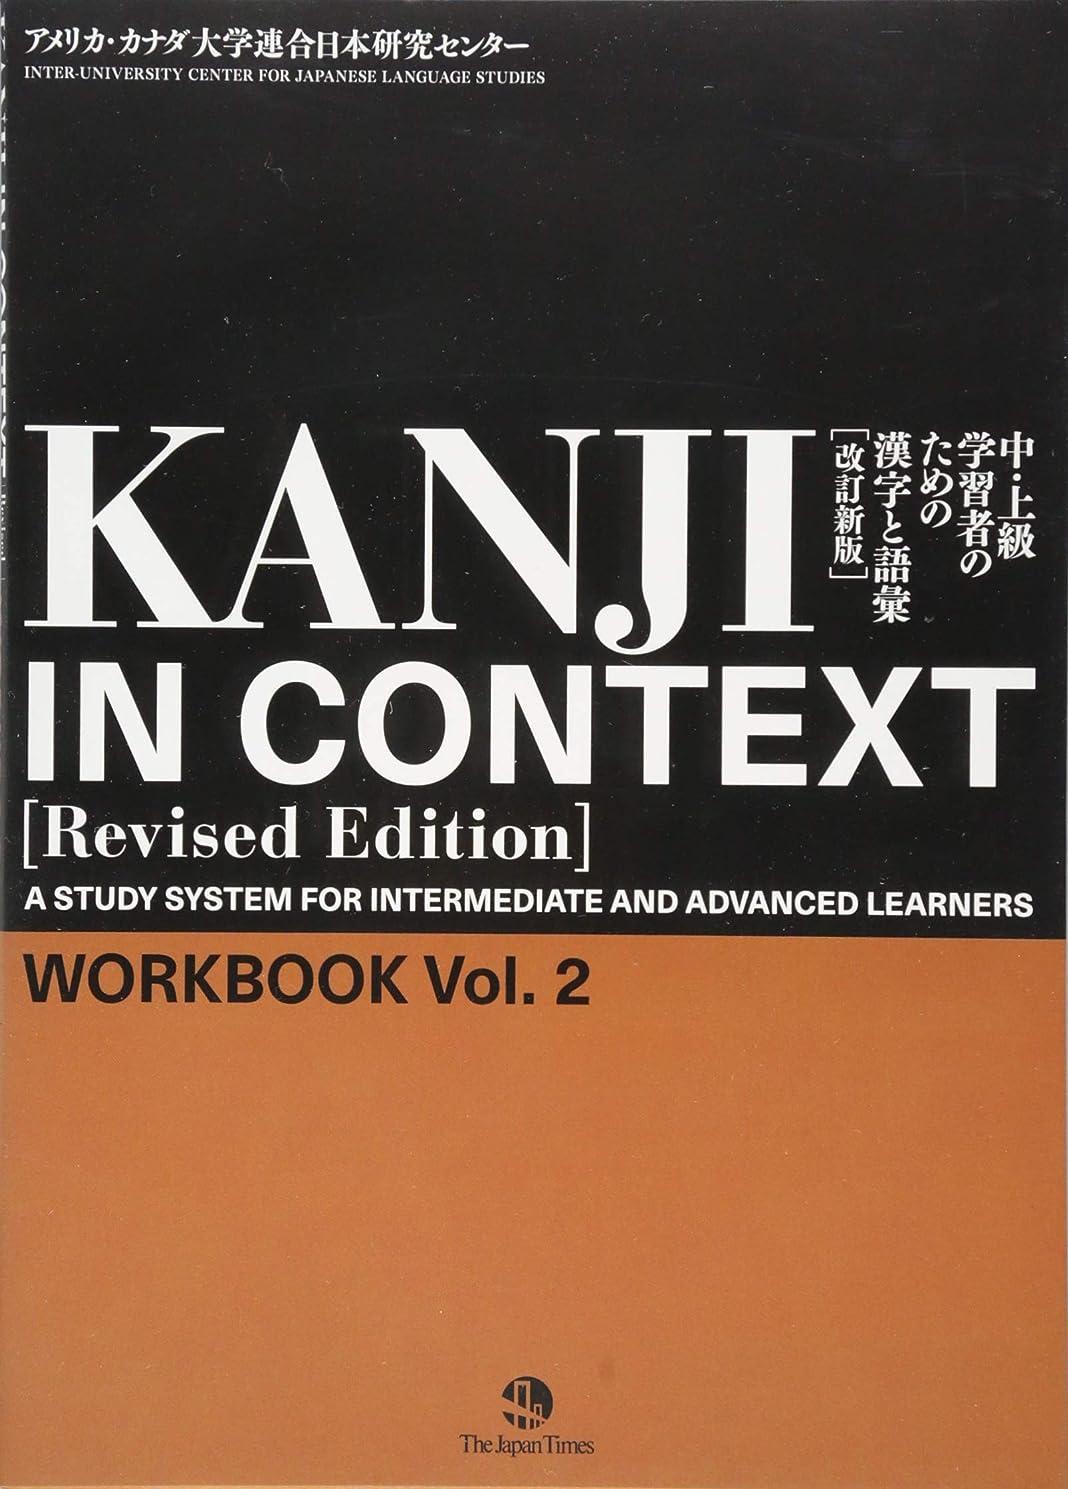 障害侵略ホバートKanji in Context Workbook vol.2 [Revised Edition]